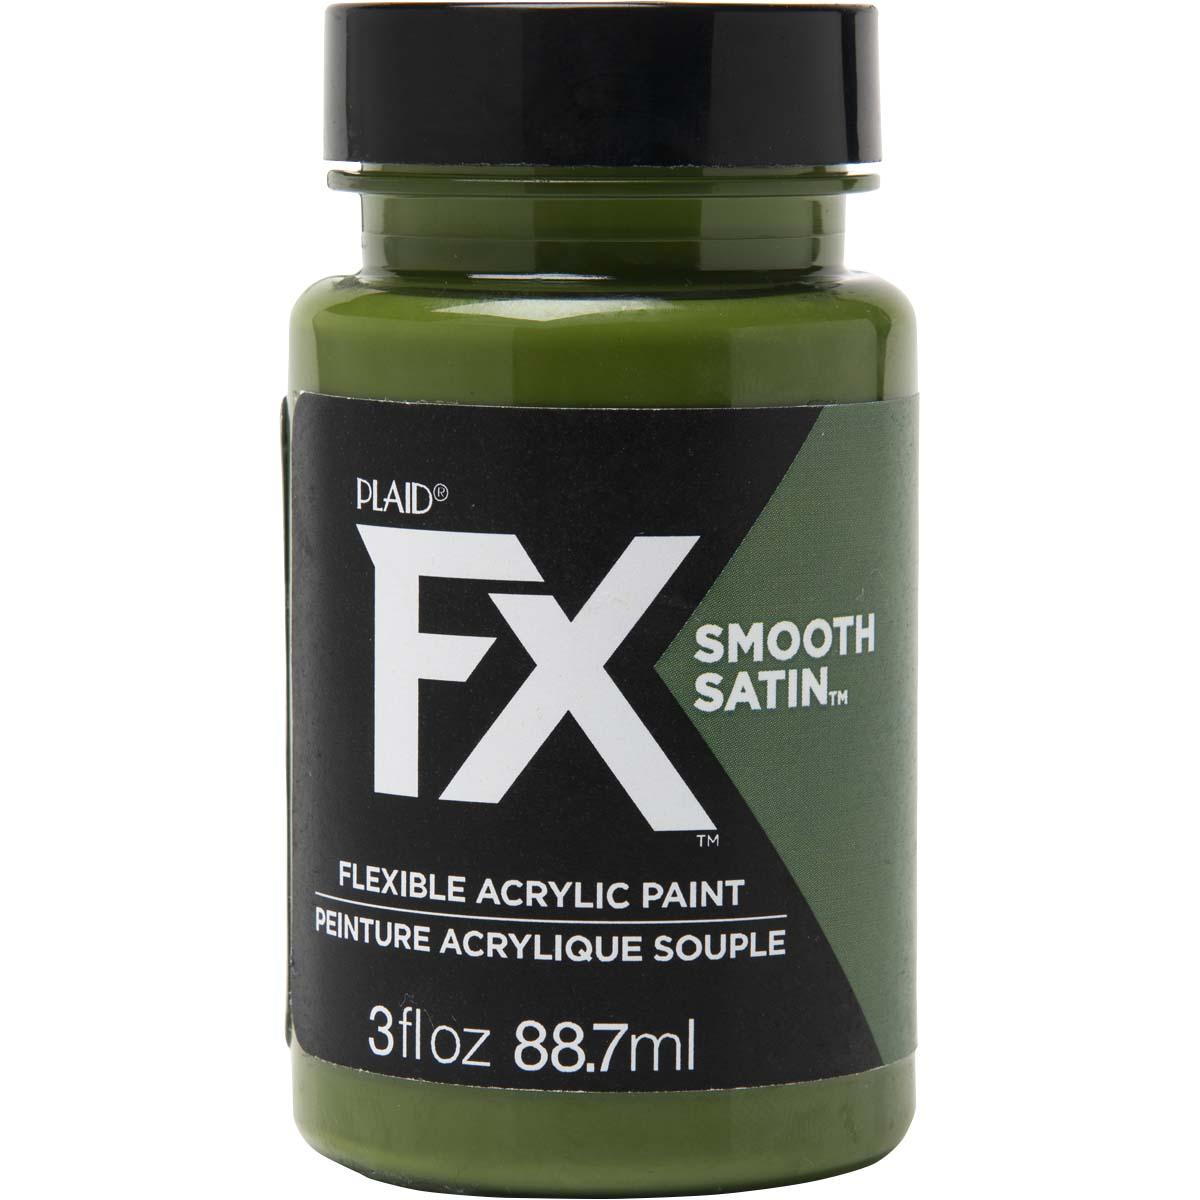 PlaidFX Smooth Satin Flexible Acrylic Paint - Bulletproof, 3 oz. - 36857